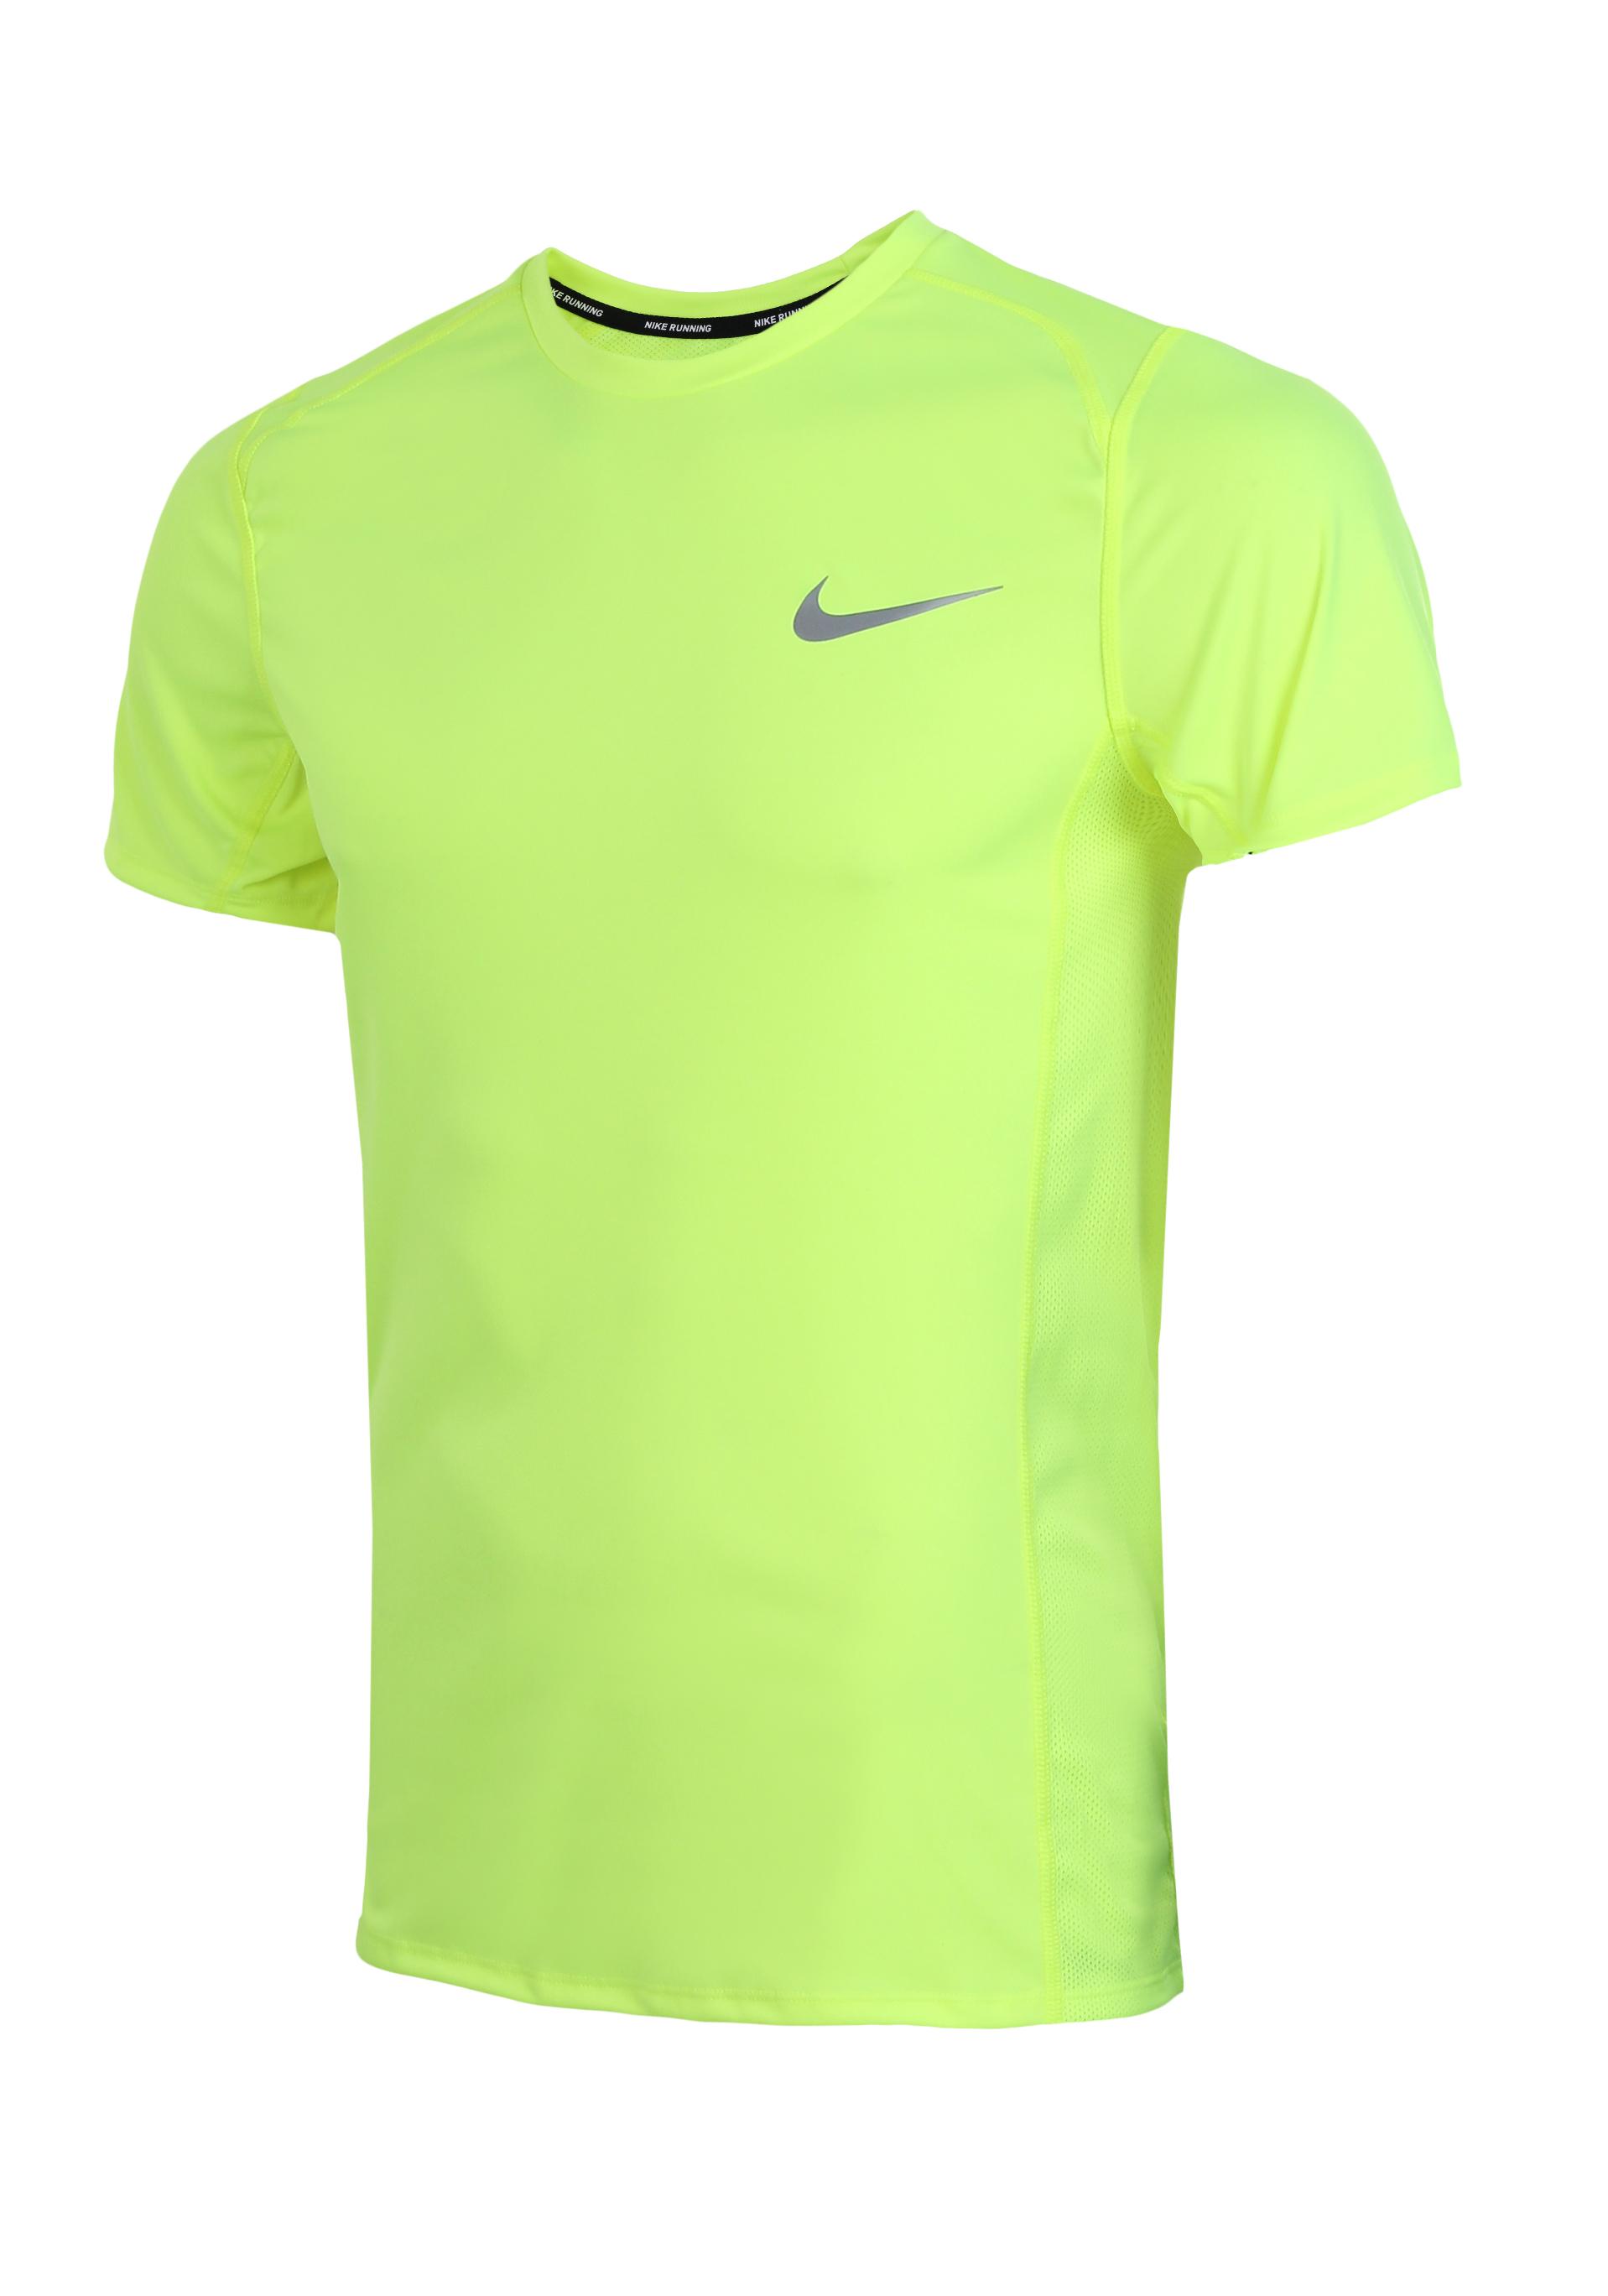 8fcbf676 Футболка мужская Nike Dry Miler Running - Сеть спортивных магазинов ...